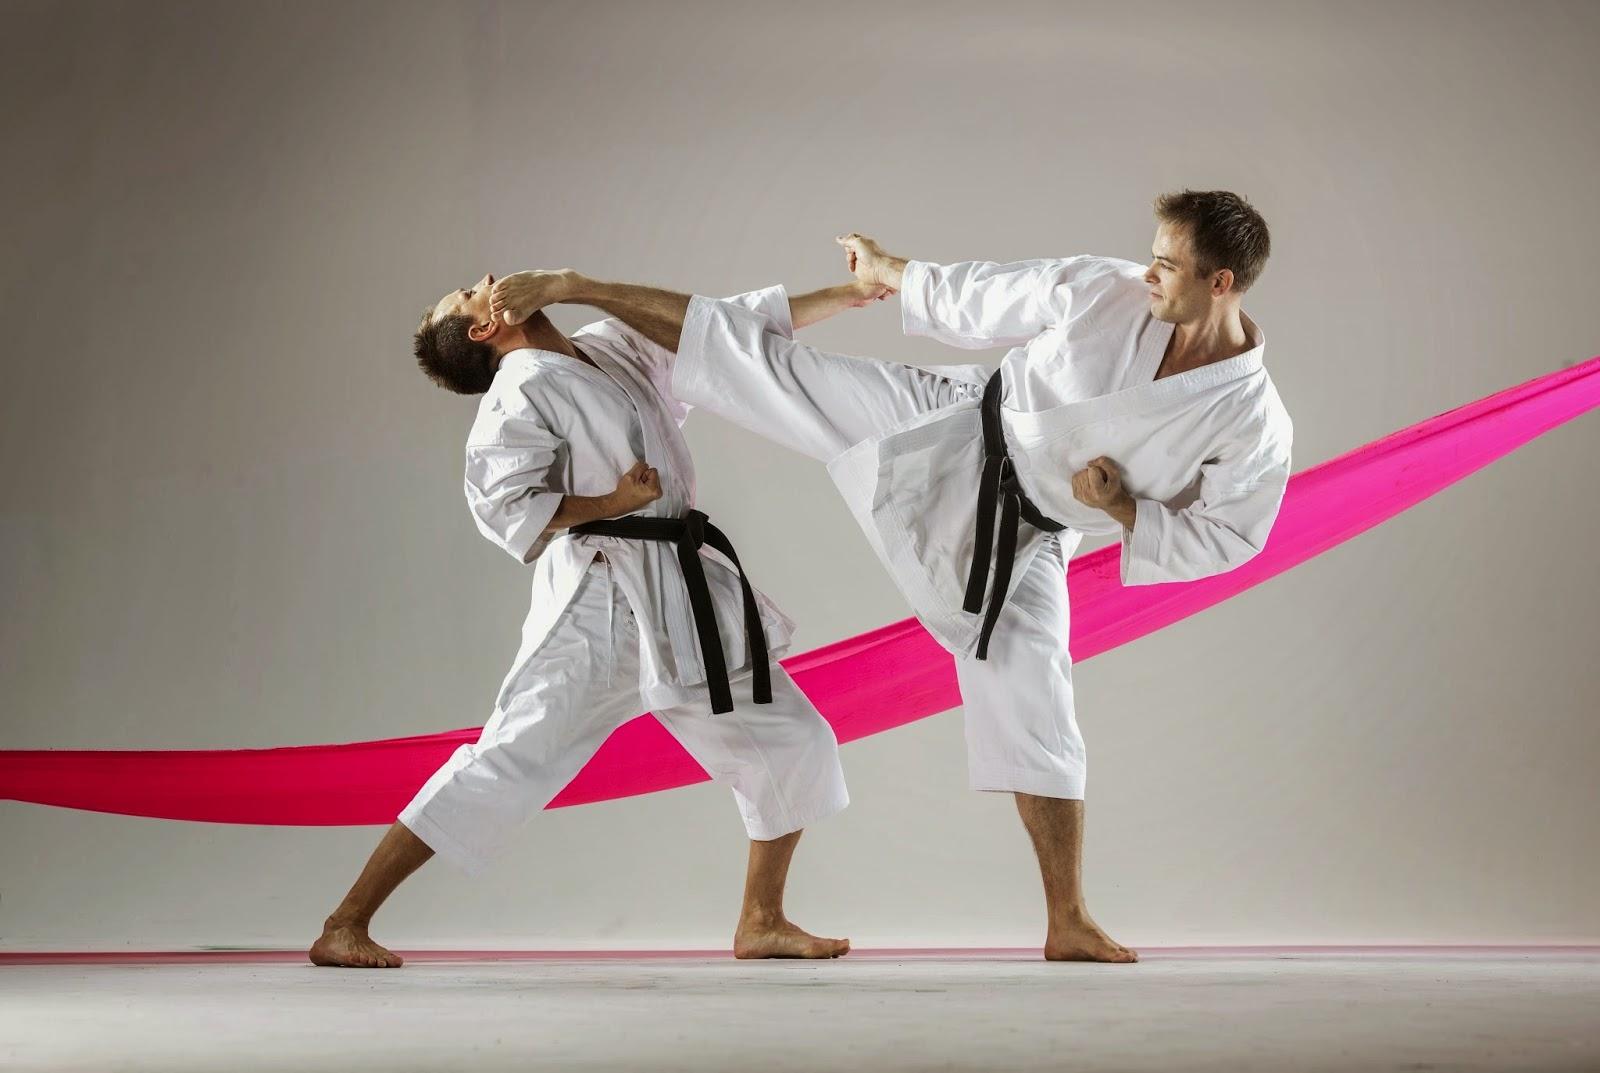 diferencias entre artes marciales y deportes de combate